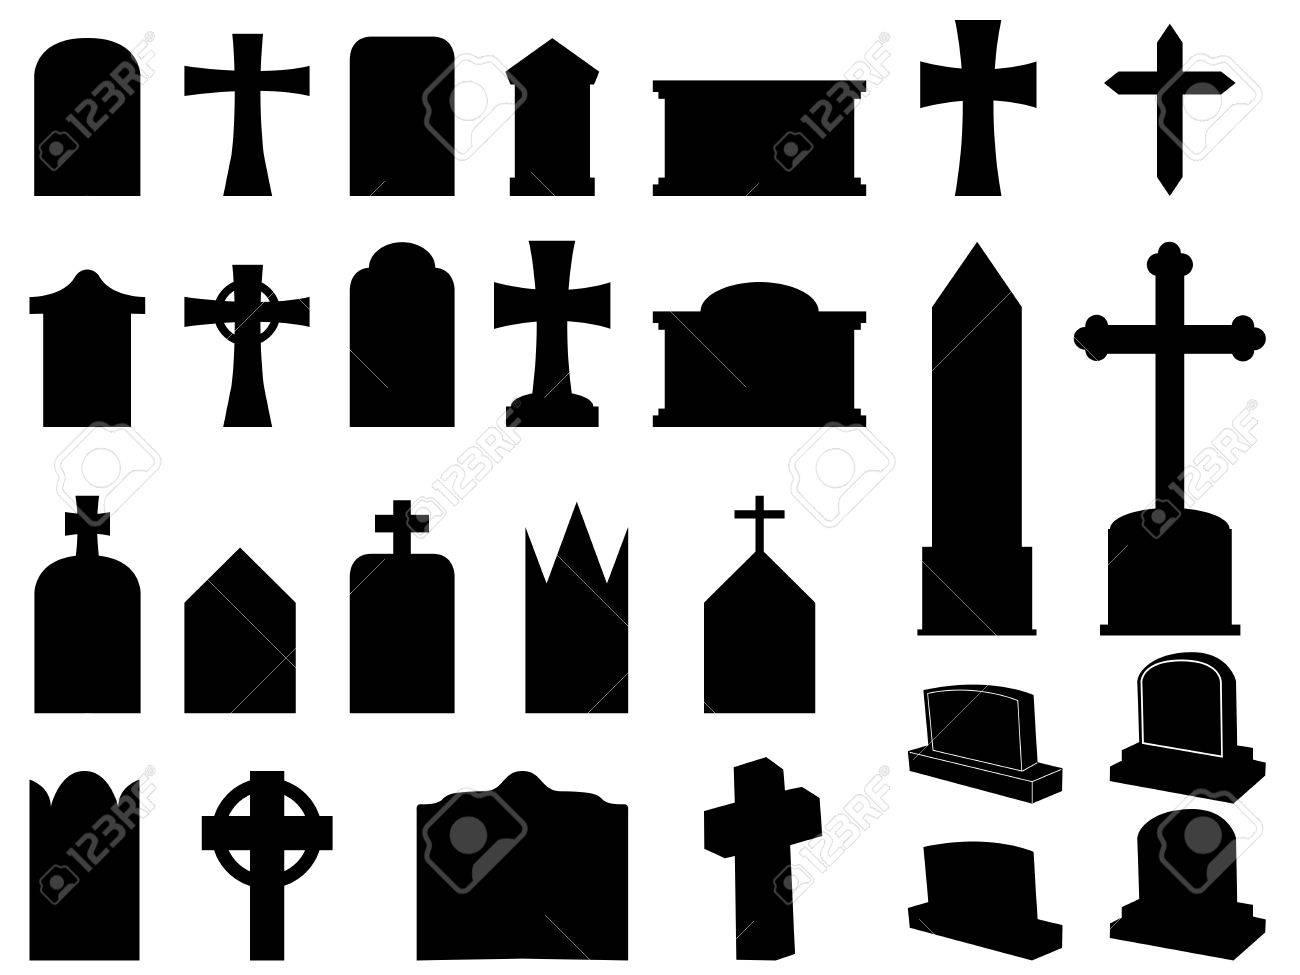 Las lápidas y cruces colección de siluetas ilustración.